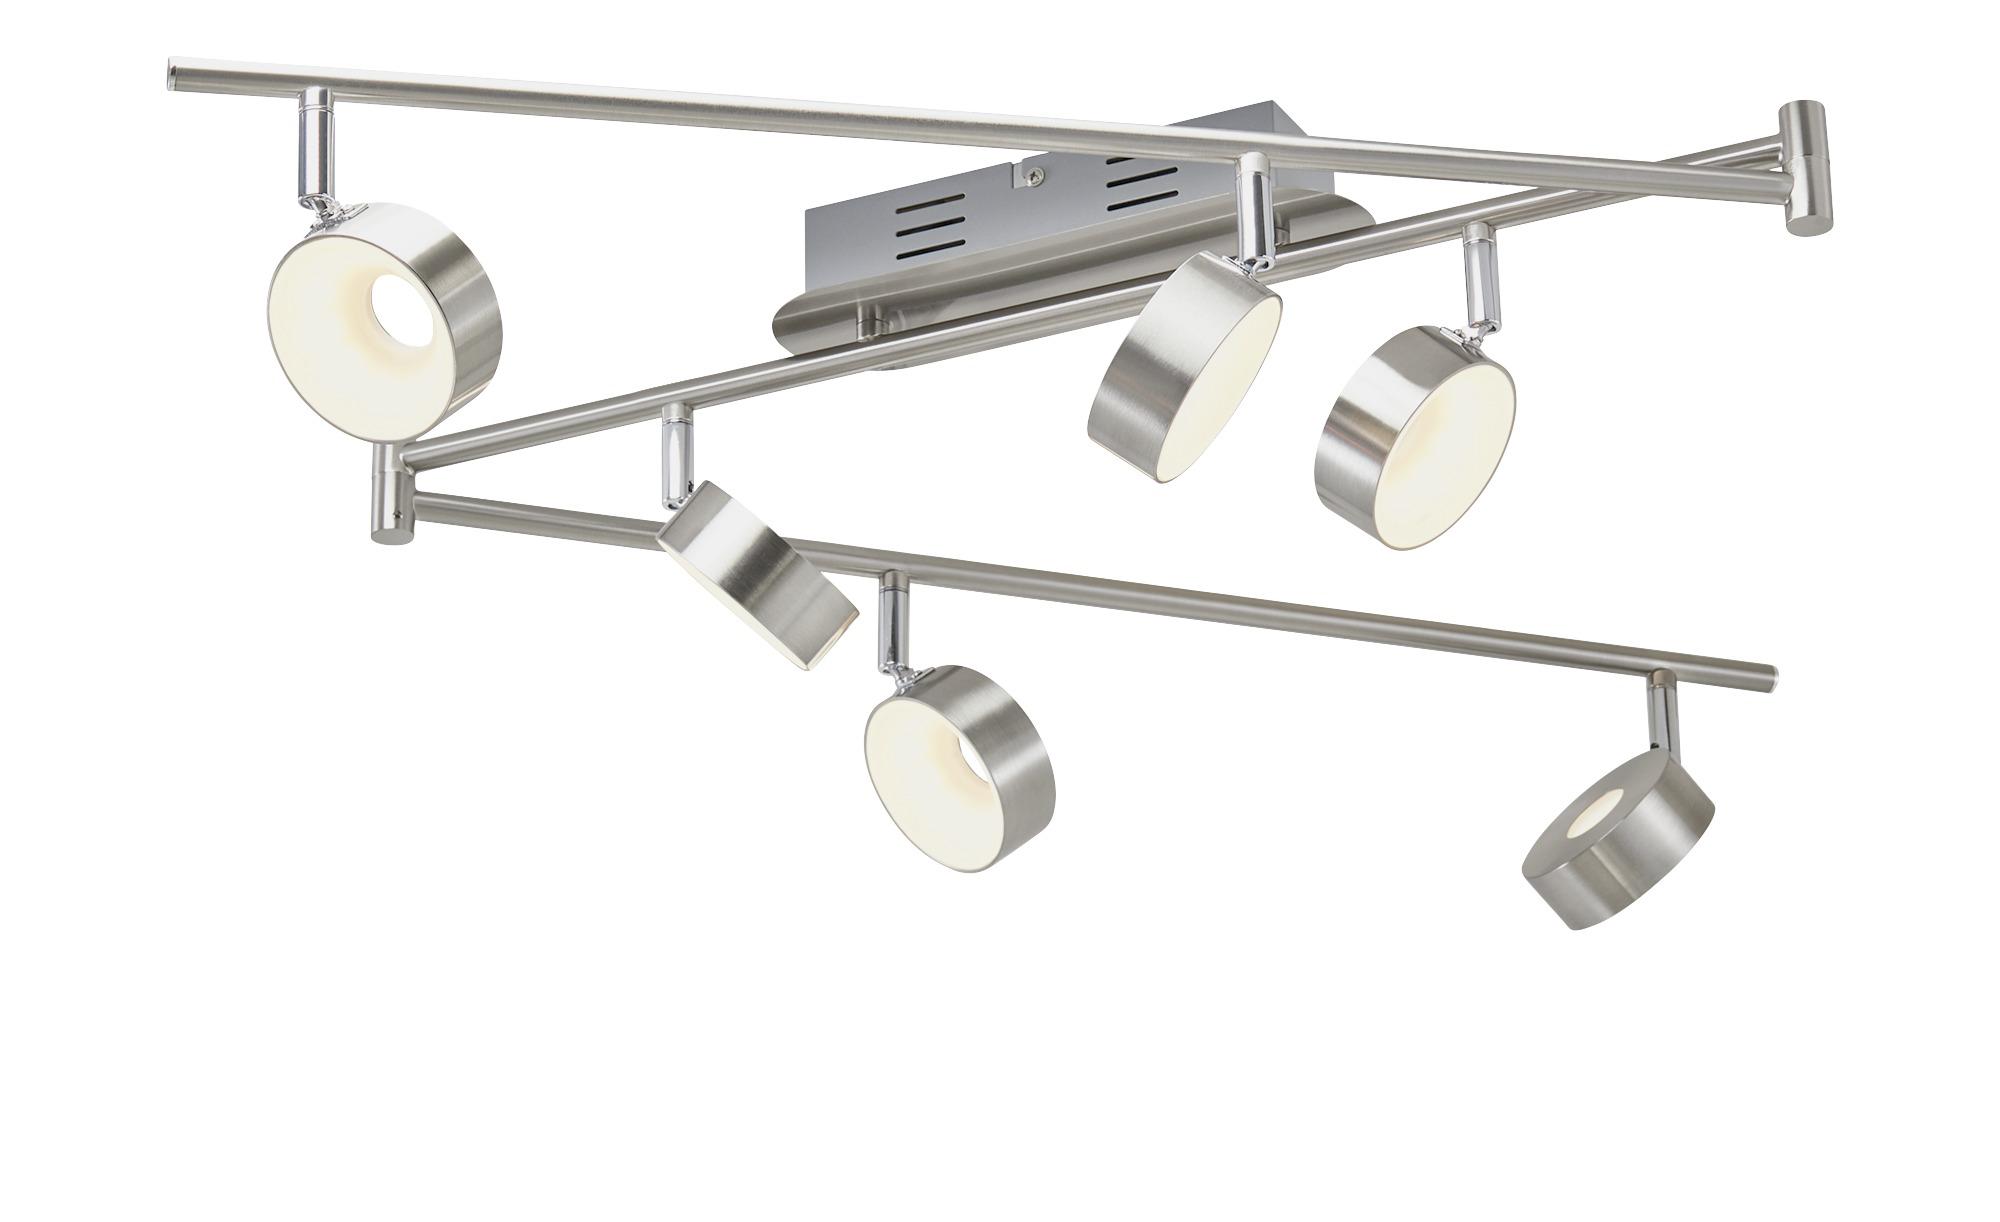 KHG LED-Spot, 6-flammig, Nickel matt ¦ silber ¦ Maße (cm): B: 8,5 H: 20,5 Lampen & Leuchten > LED-Leuchten > LED-Strahler & Spots - Höffner